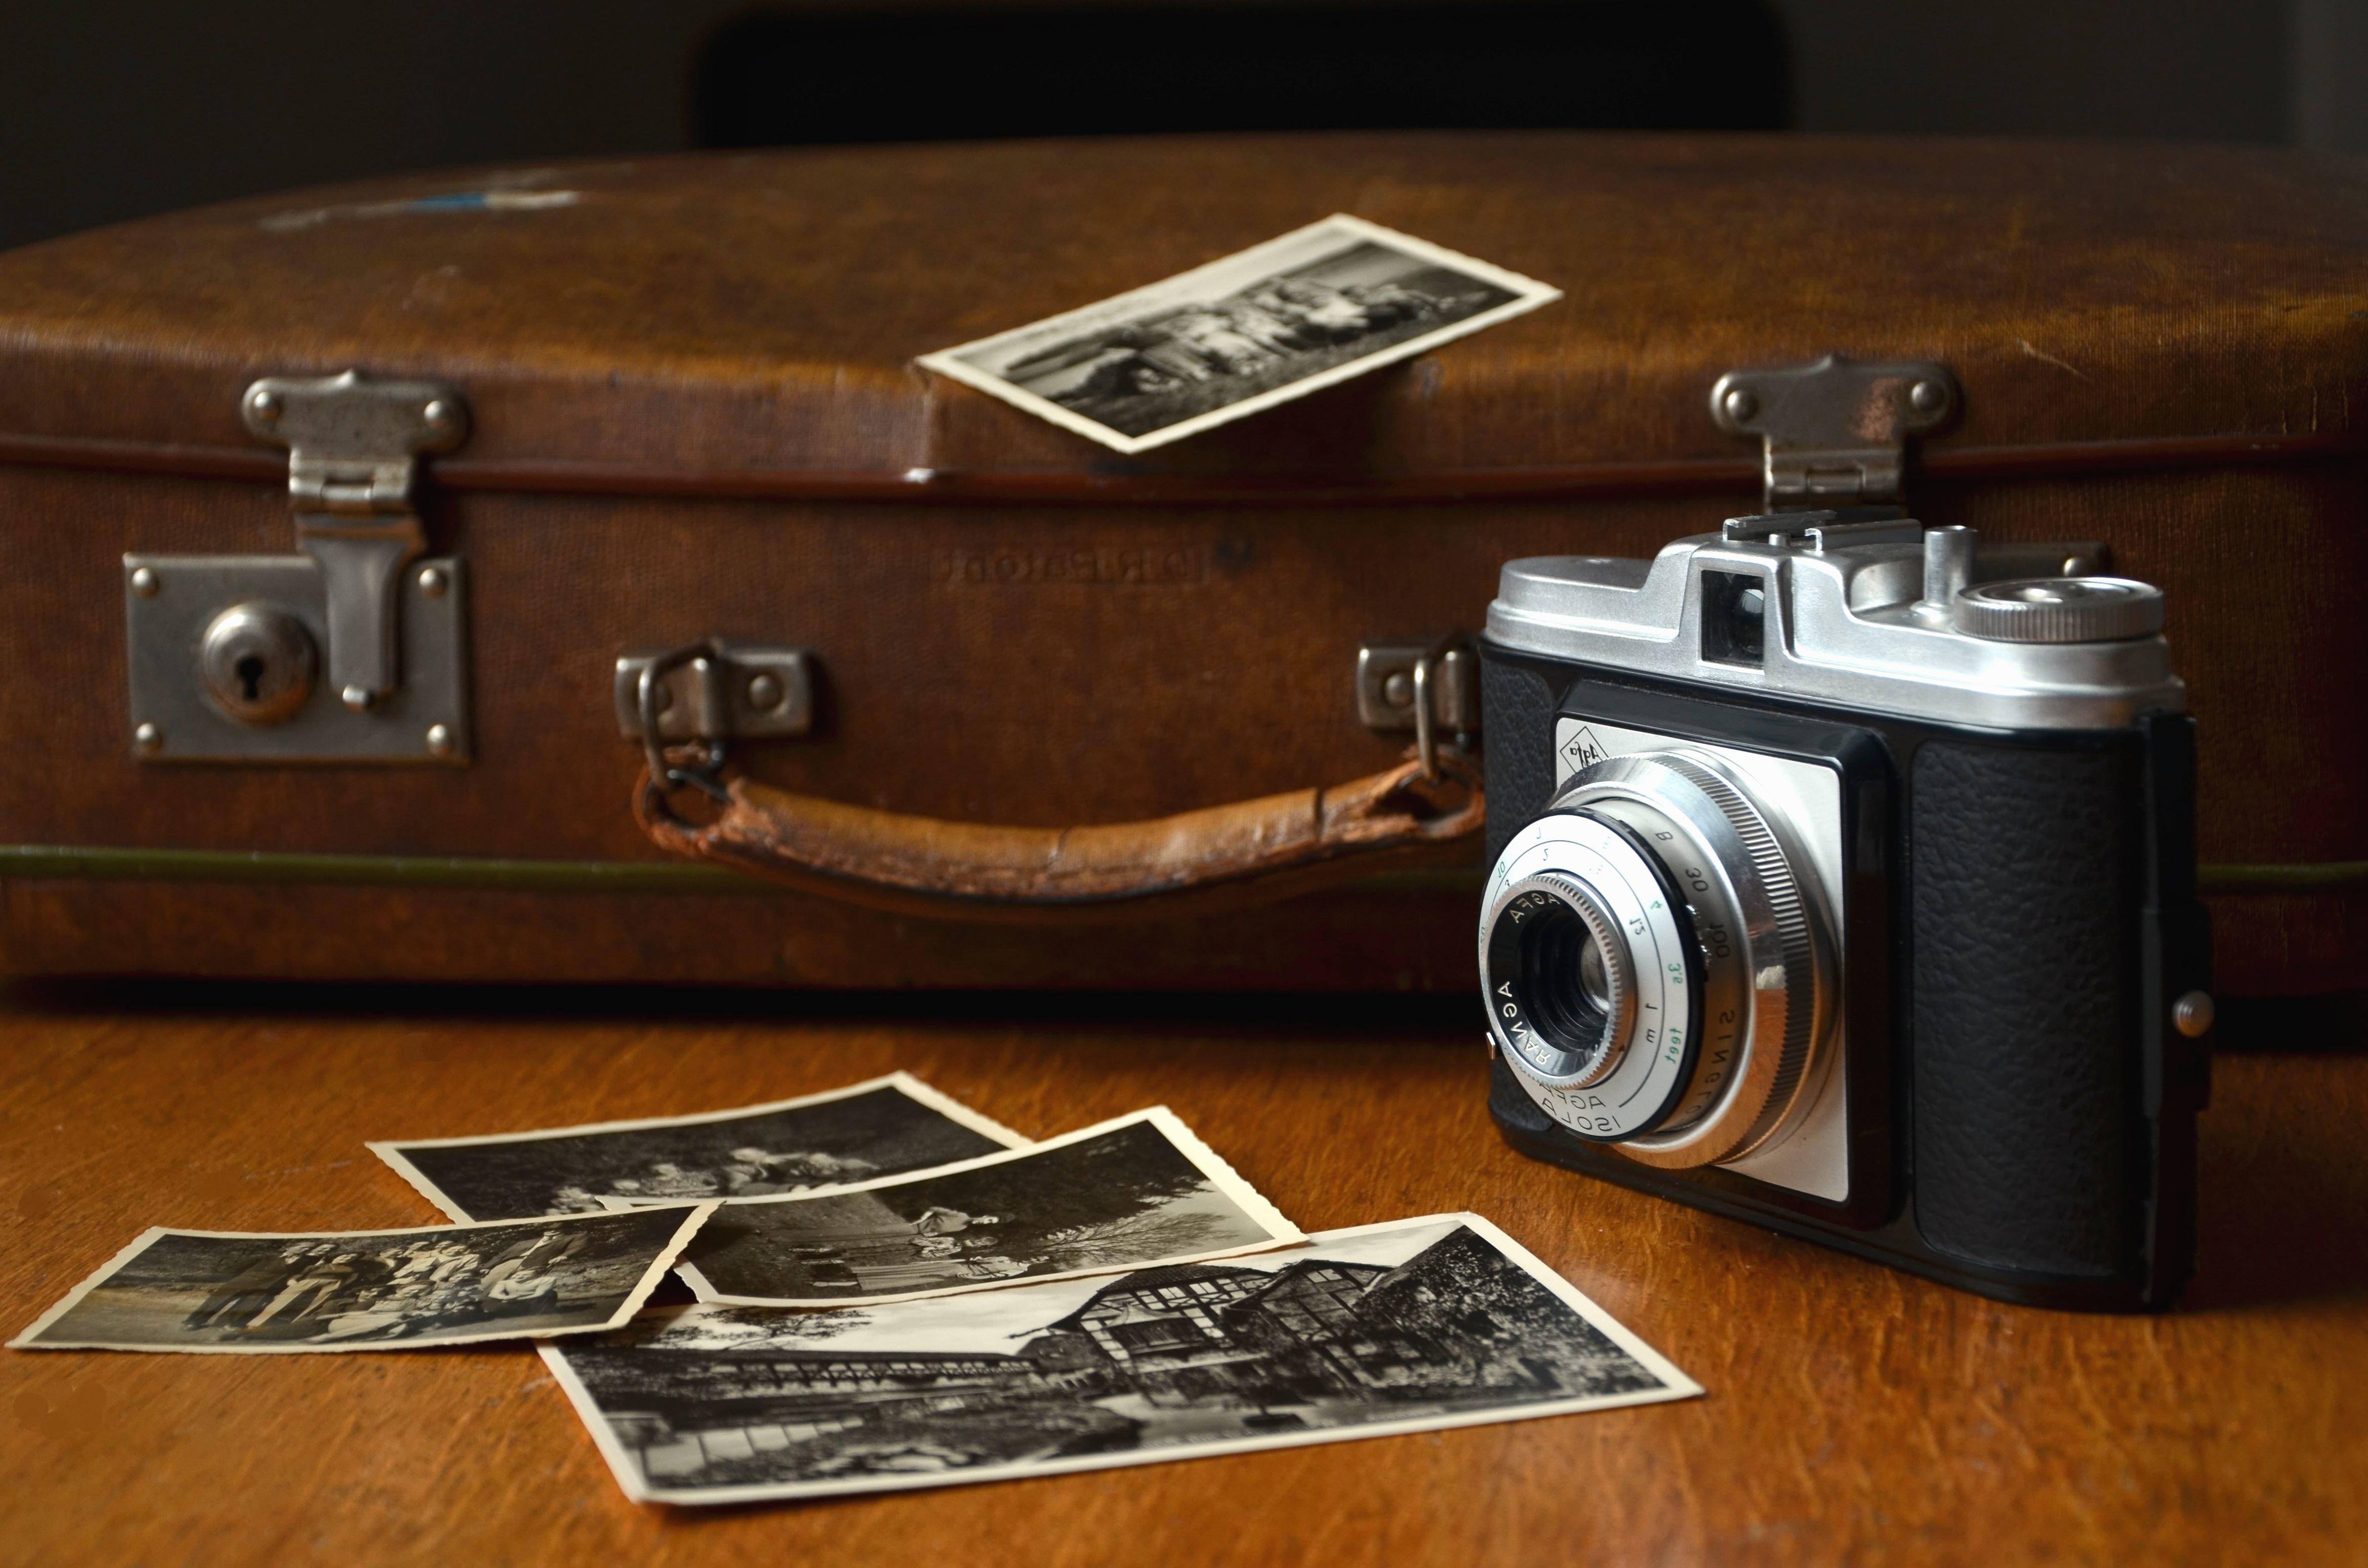 нас сайты о фотографии и фототехнике интернет-магазине получи